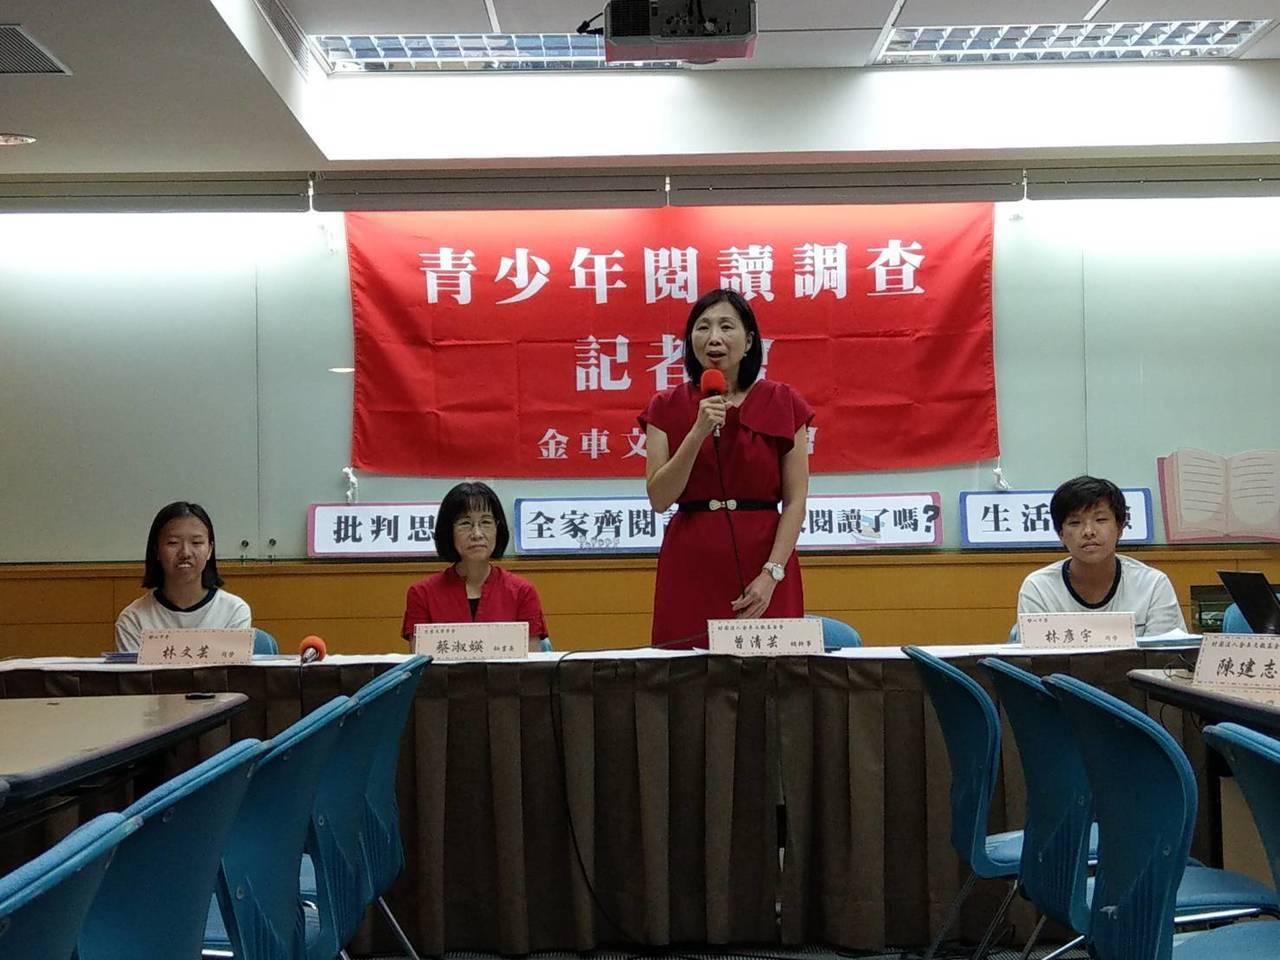 金車文教基金會下午發表青少年閱讀調查,發現台灣青少年課外閱讀時間明顯偏少,6成多...